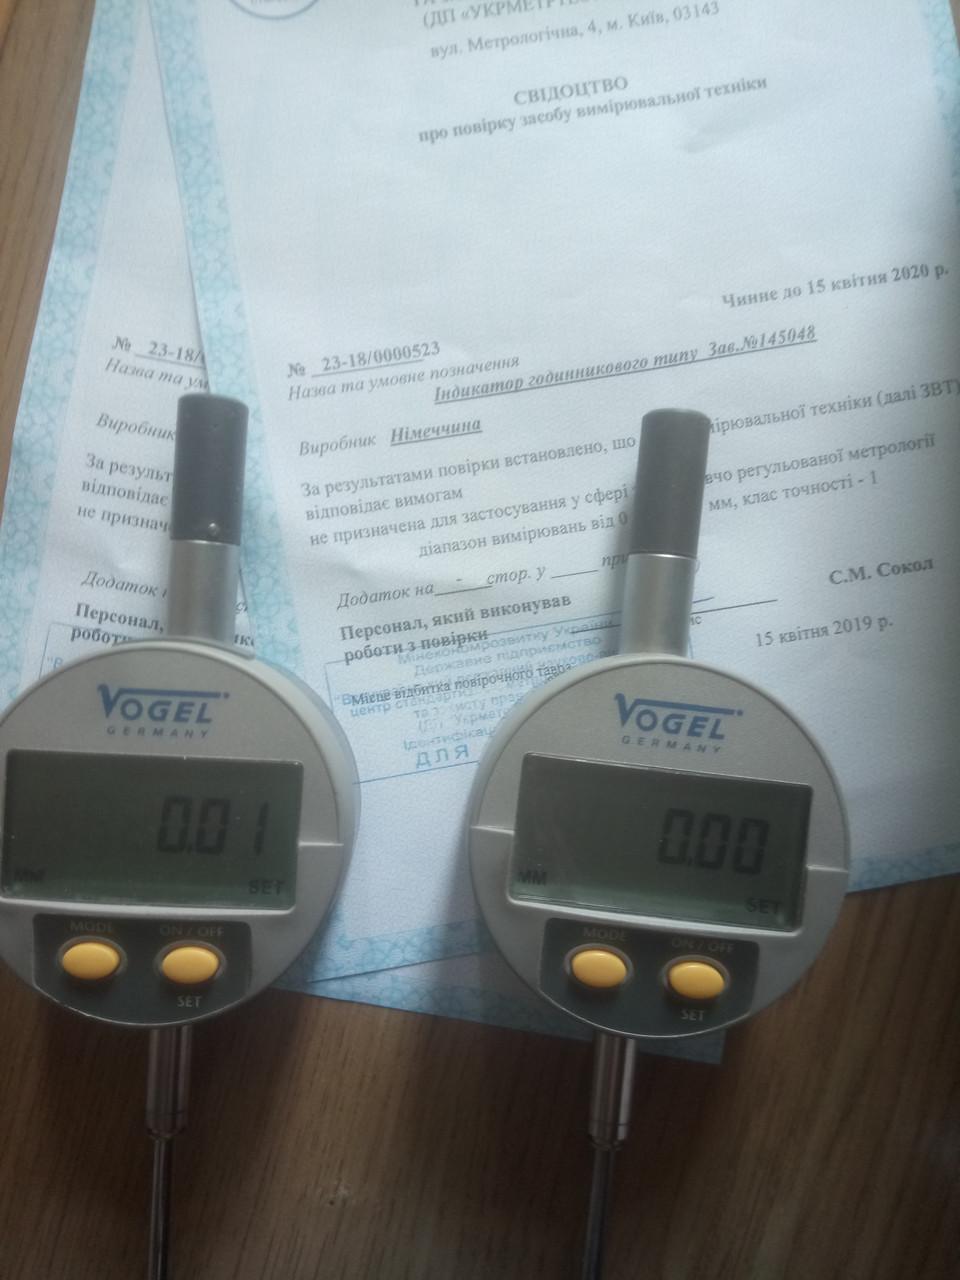 Индикатор цифровой 0-25 Vogel(Германия)с поверкой УкрЦСМ,возможна калибровка